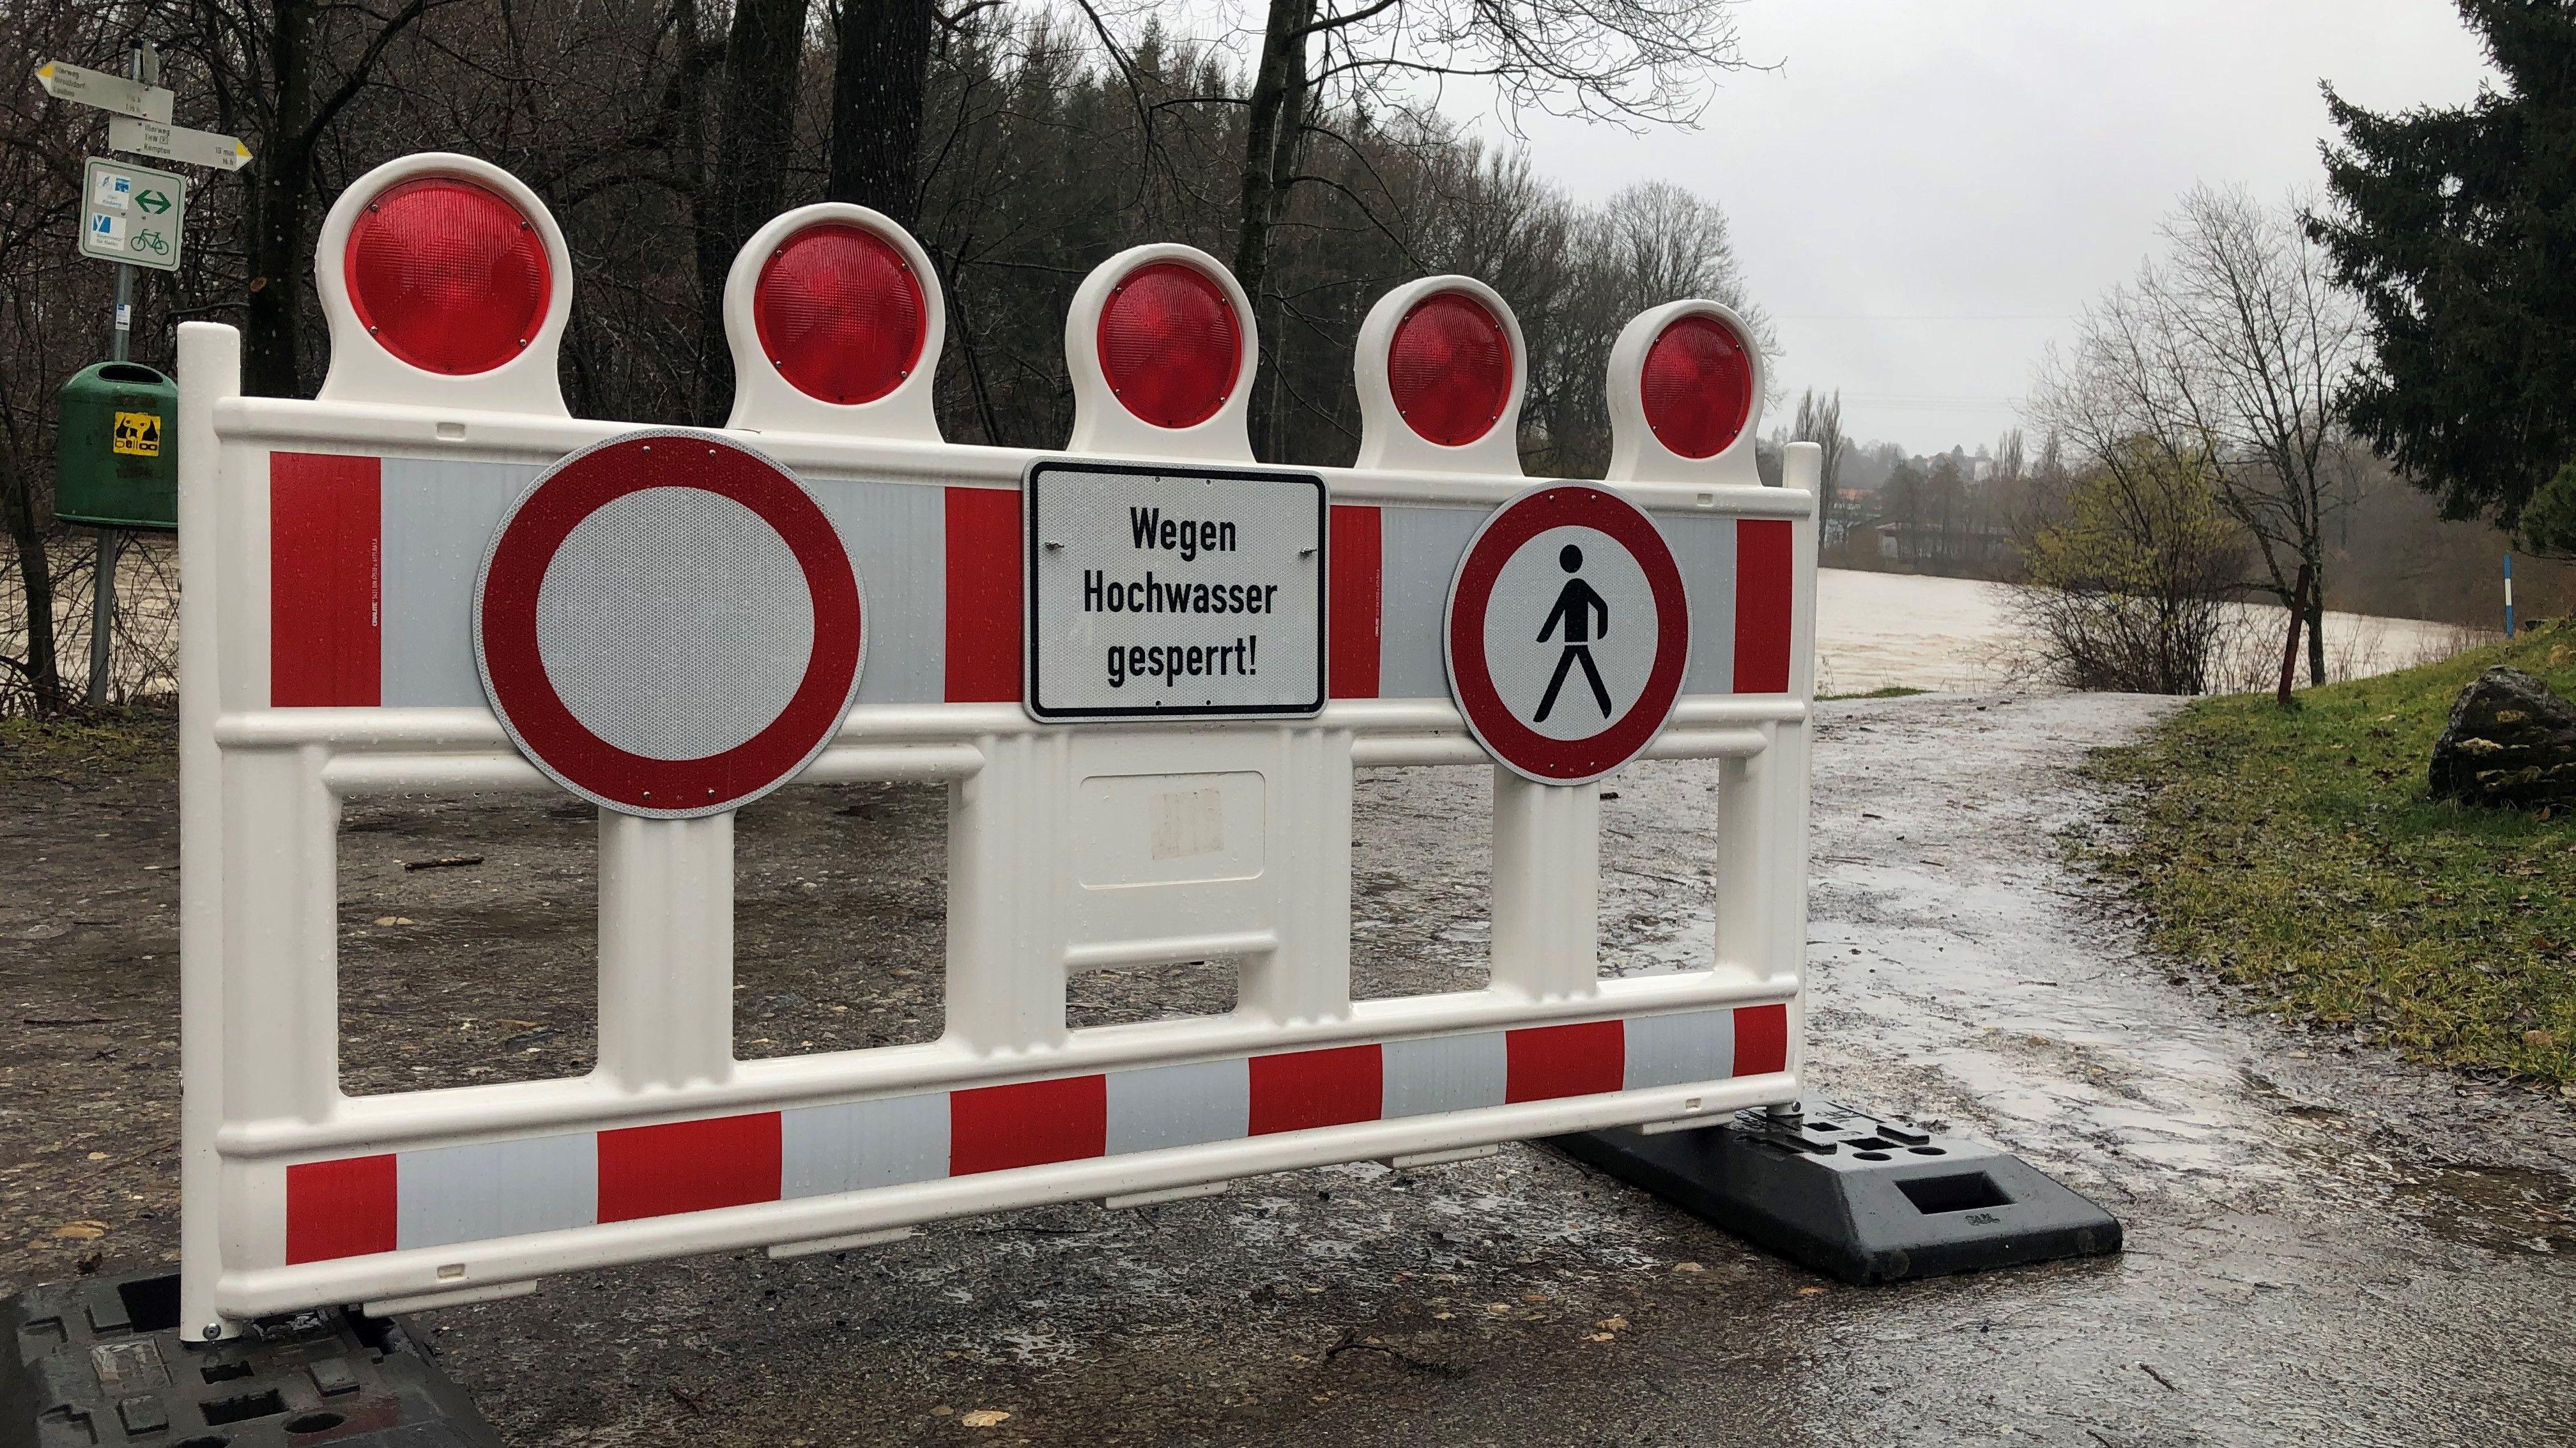 Absperrrung vor einem Fußweg entlang der Iller bei Kempten